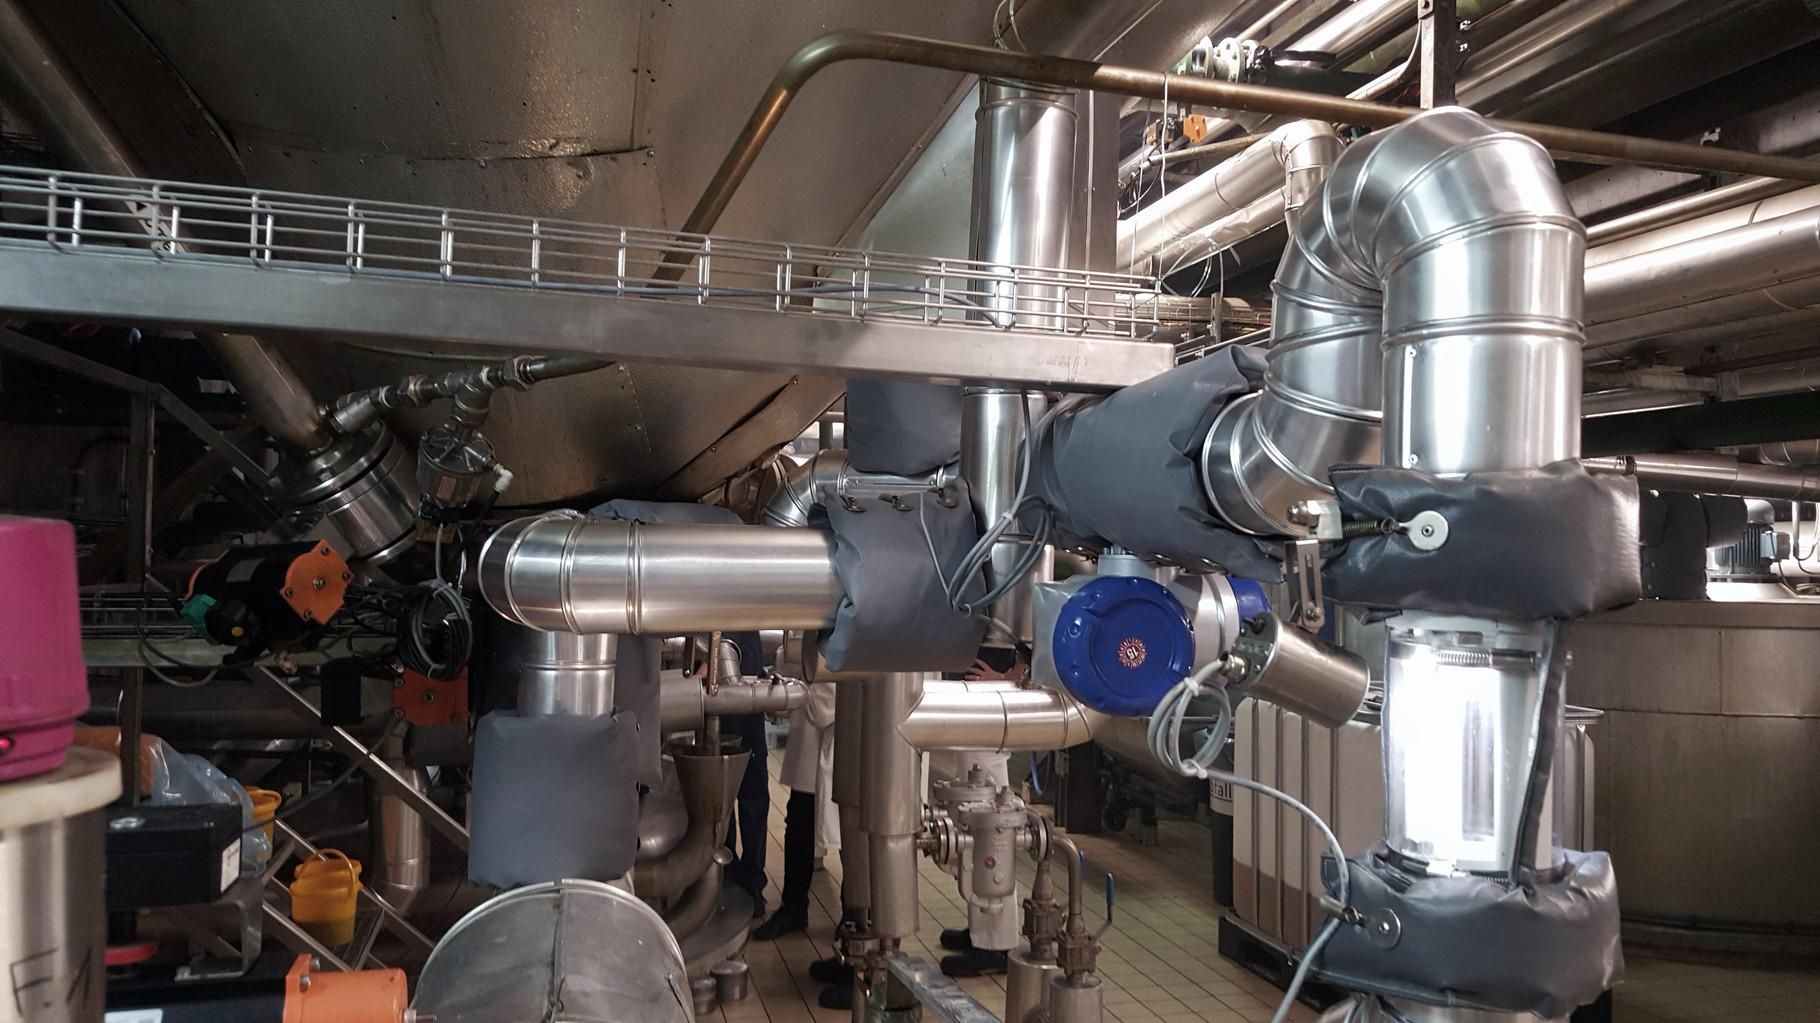 Fettanlage in einer Raffinerie im Lebensmittelbereich mit Armaturenkissendämmung